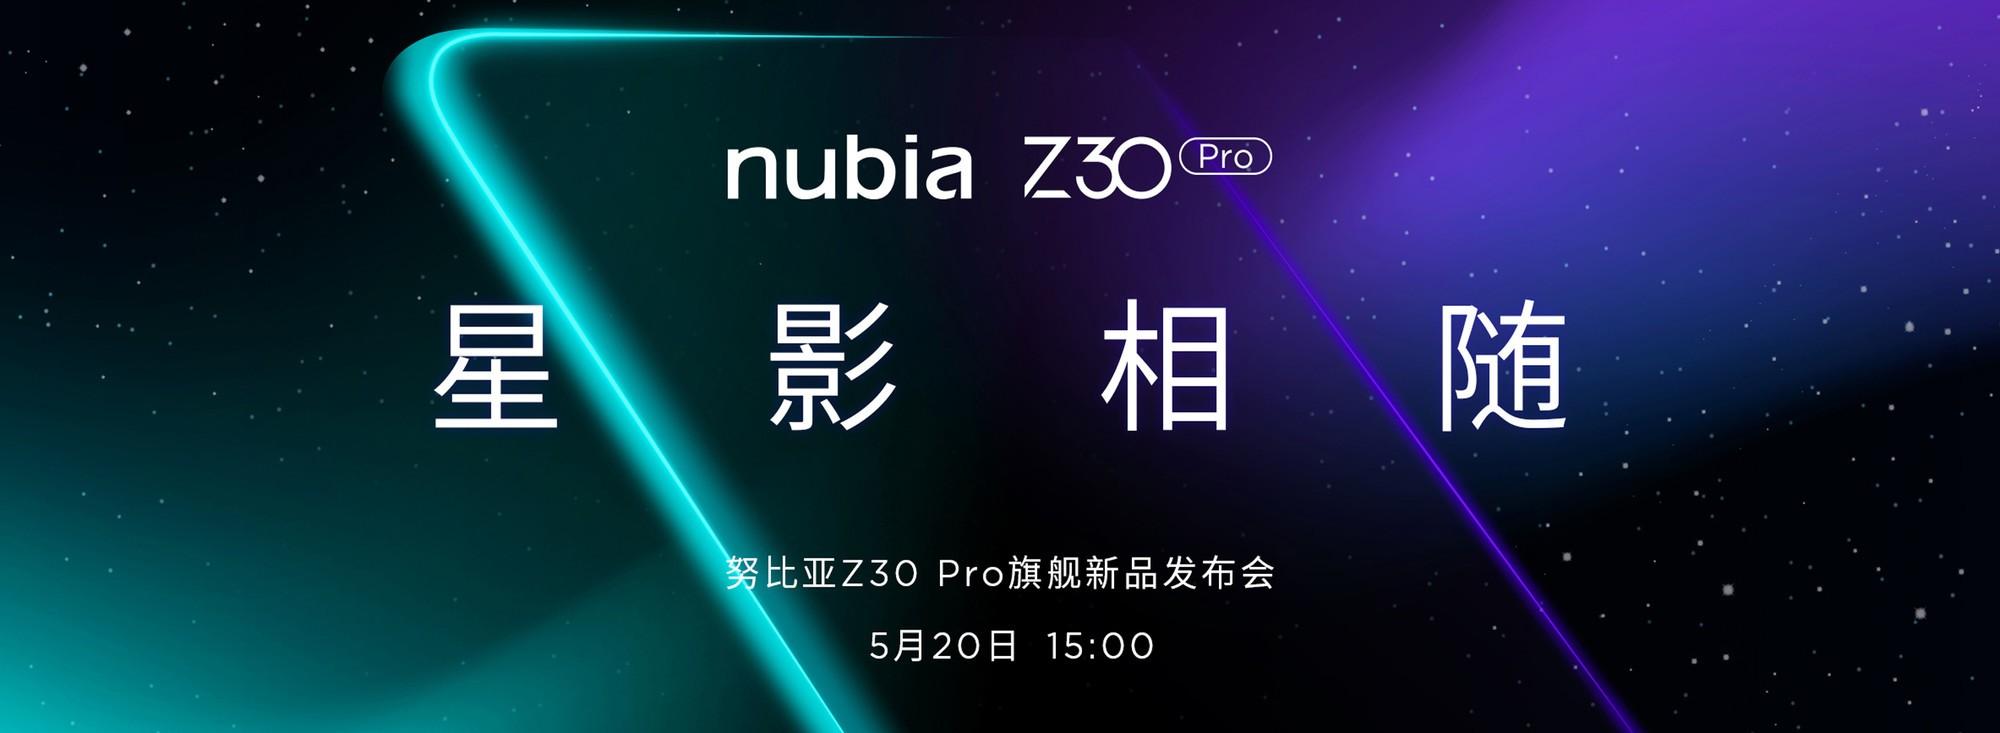 努比亚Z30系列新品发布会